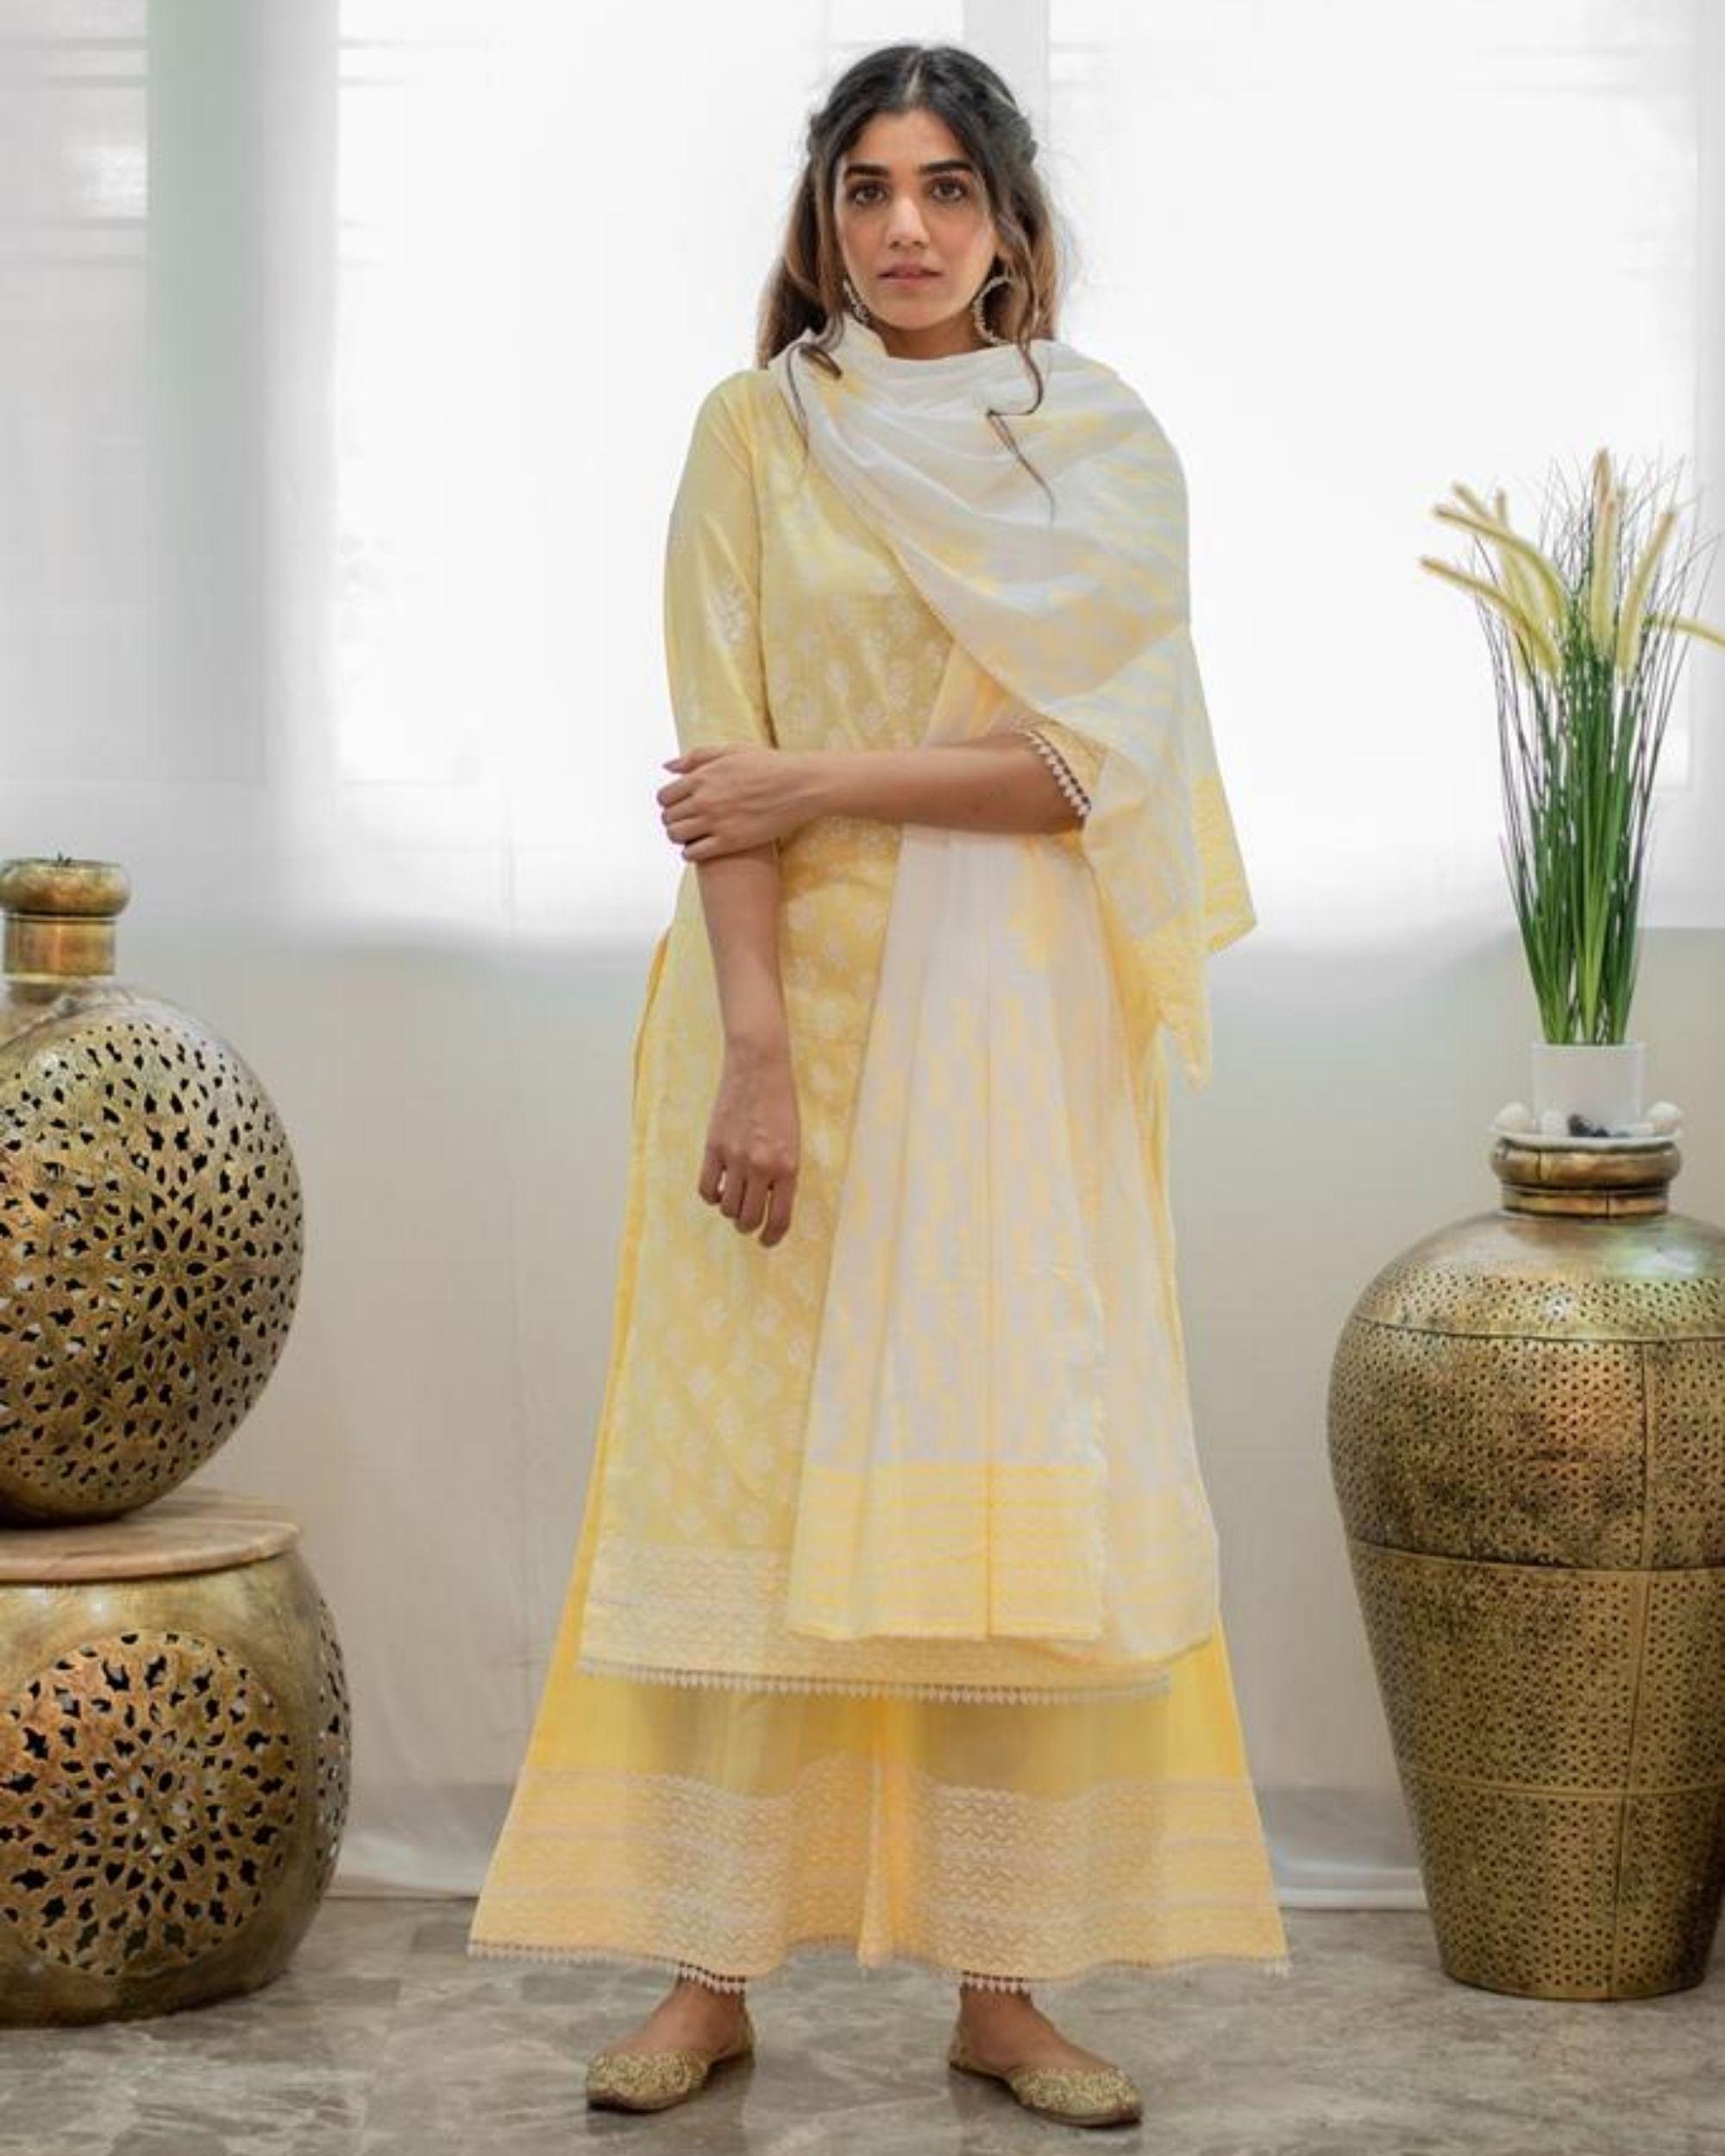 White and pastel yellow khari block printed dupatta